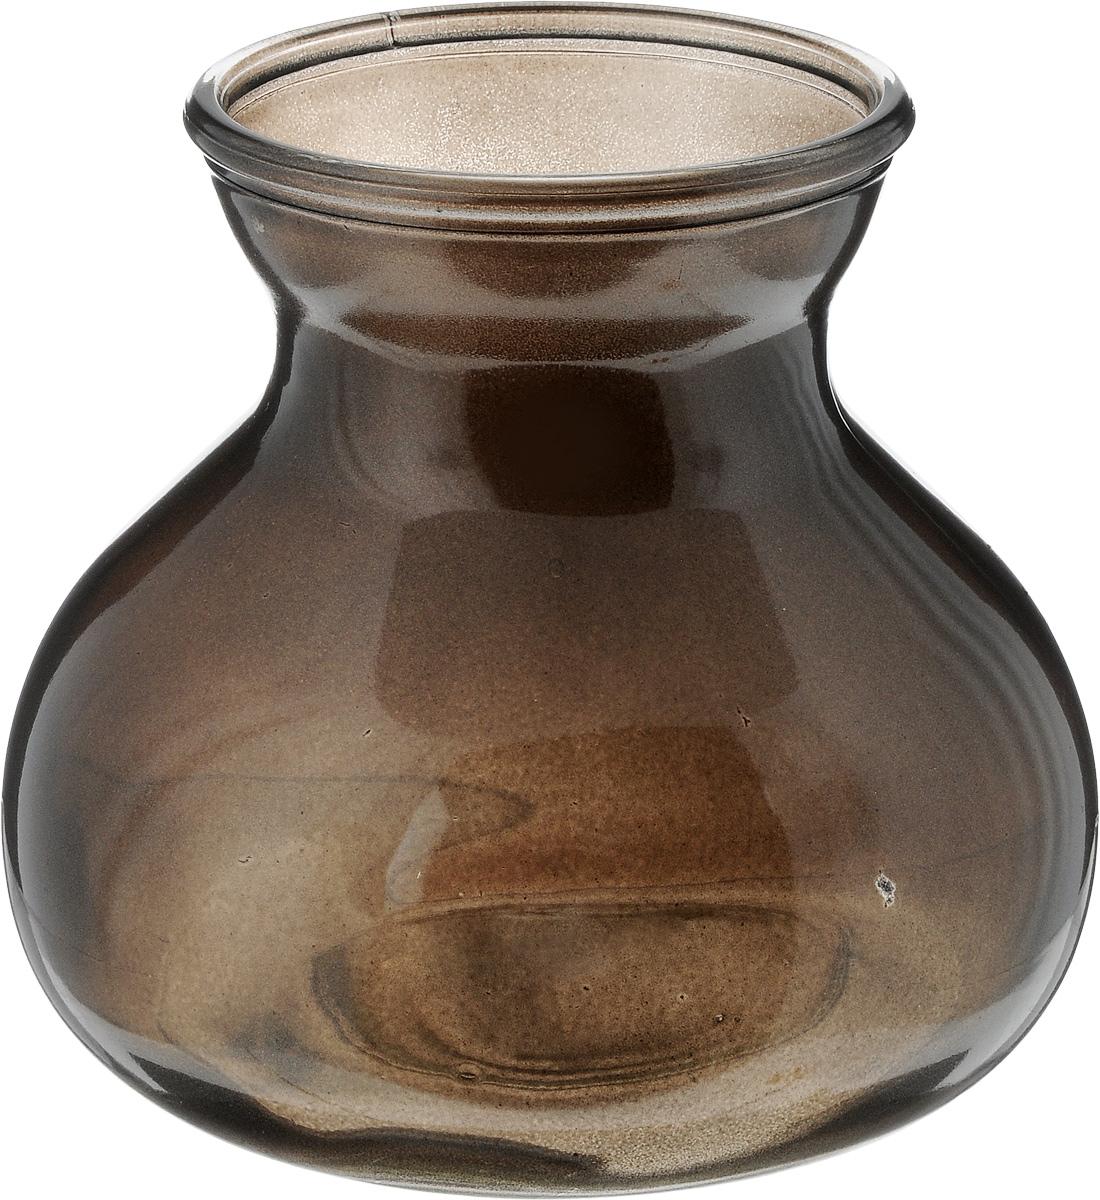 Ваза NiNaGlass Дана, цвет: шоколад, высота 16 см92-024 ШОКВаза NiNaGlass Дана выполнена из высококачественного стекла и имеет изысканный внешний вид. Такая ваза станет ярким украшением интерьера и прекрасным подарком к любому случаю. Высота вазы: 16 см. Диаметр вазы (по верхнему краю): 10 см. Объем вазы: 1,5 л.